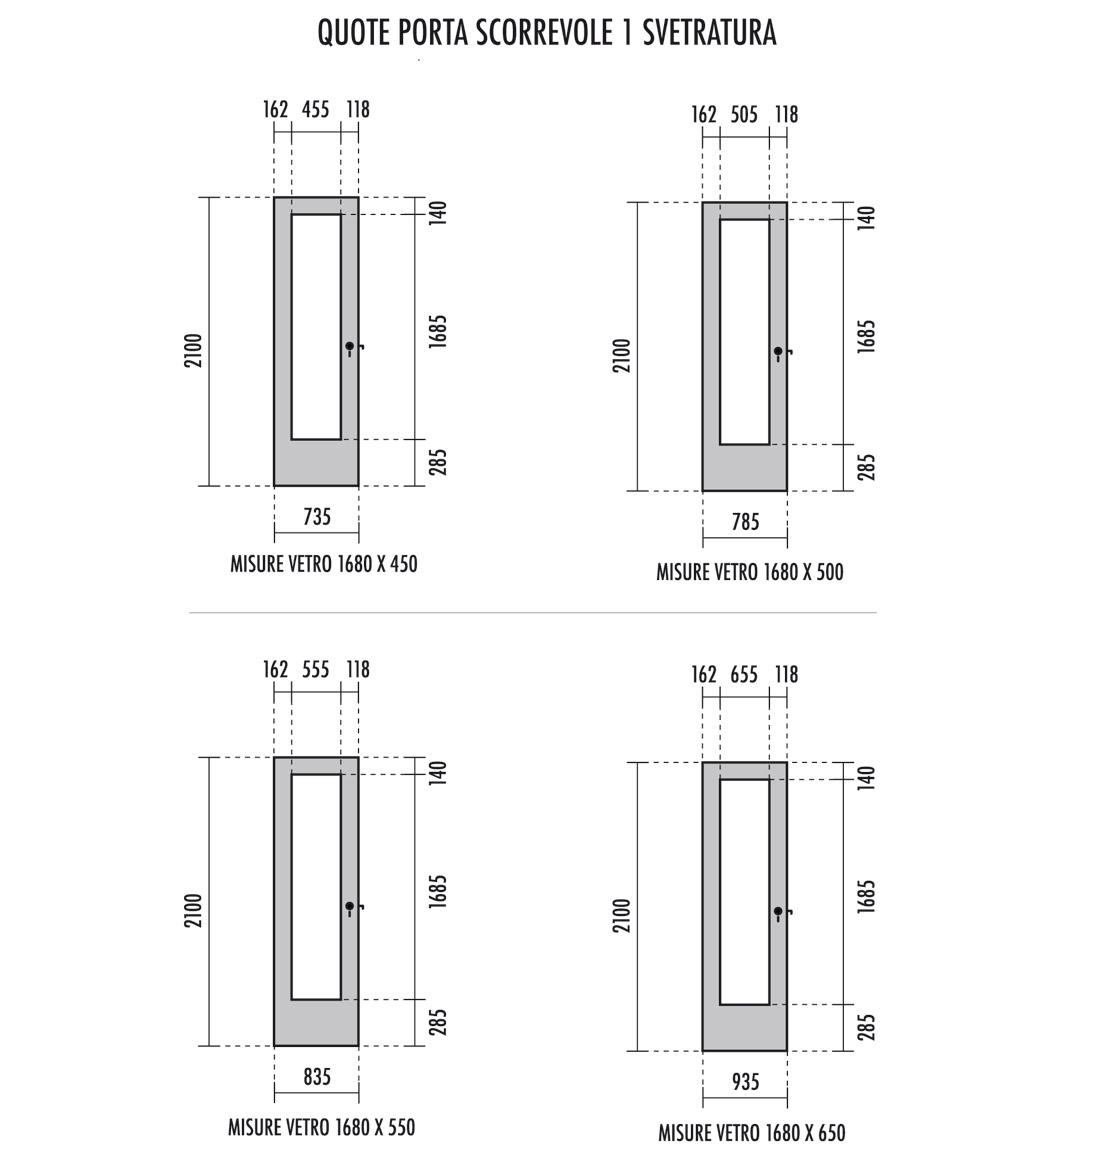 Laminatino bianco porta liscia 1 foro vetro scorrevole - Porta finestra misure ...